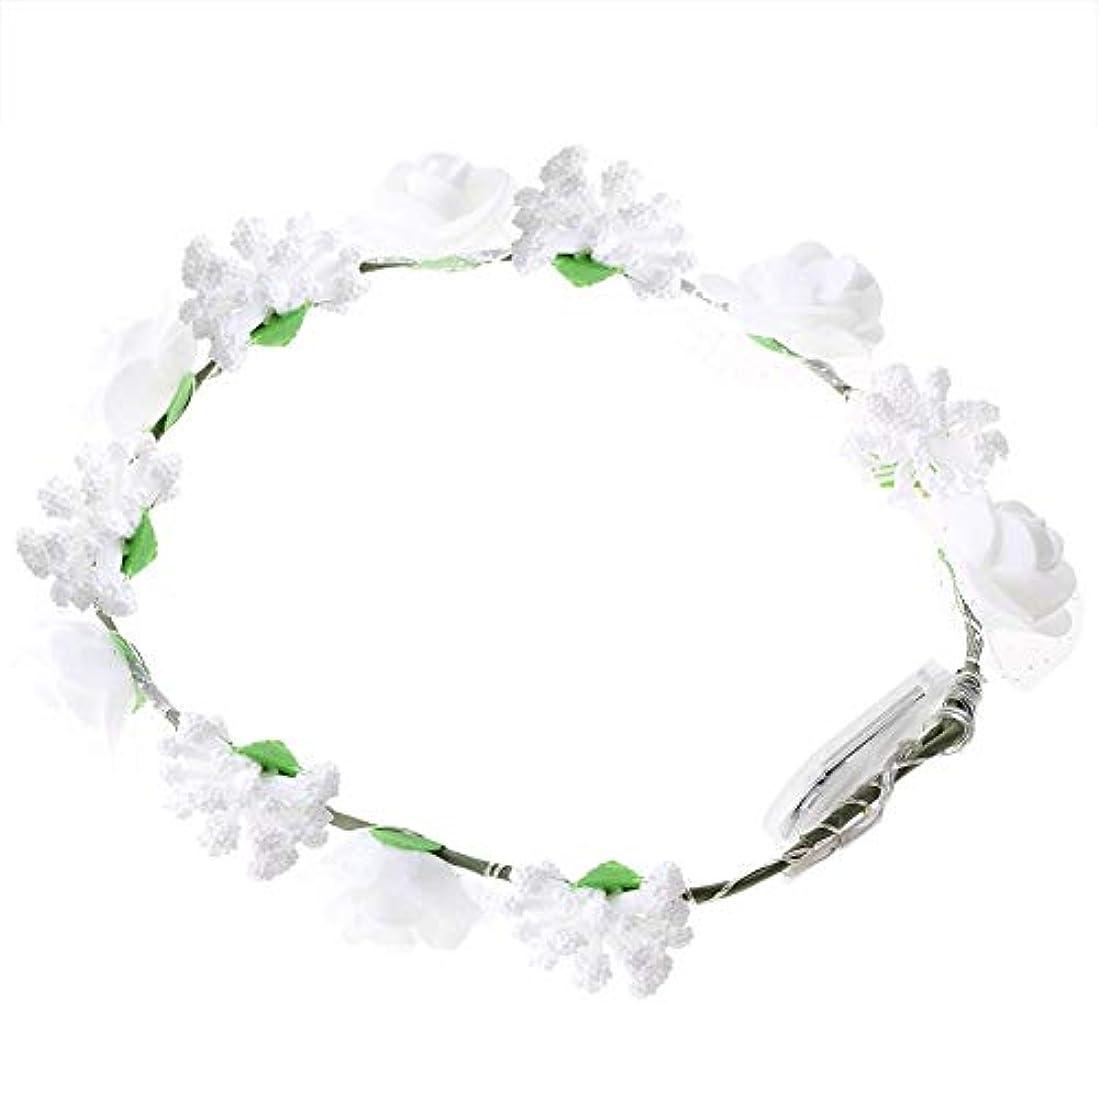 自治擬人受け取るSemme LEDの花の王冠、照明髪の花輪耐久性のあるLEDローズ花ライト妖精照明髪の花輪ライトアップ花の冠(White)